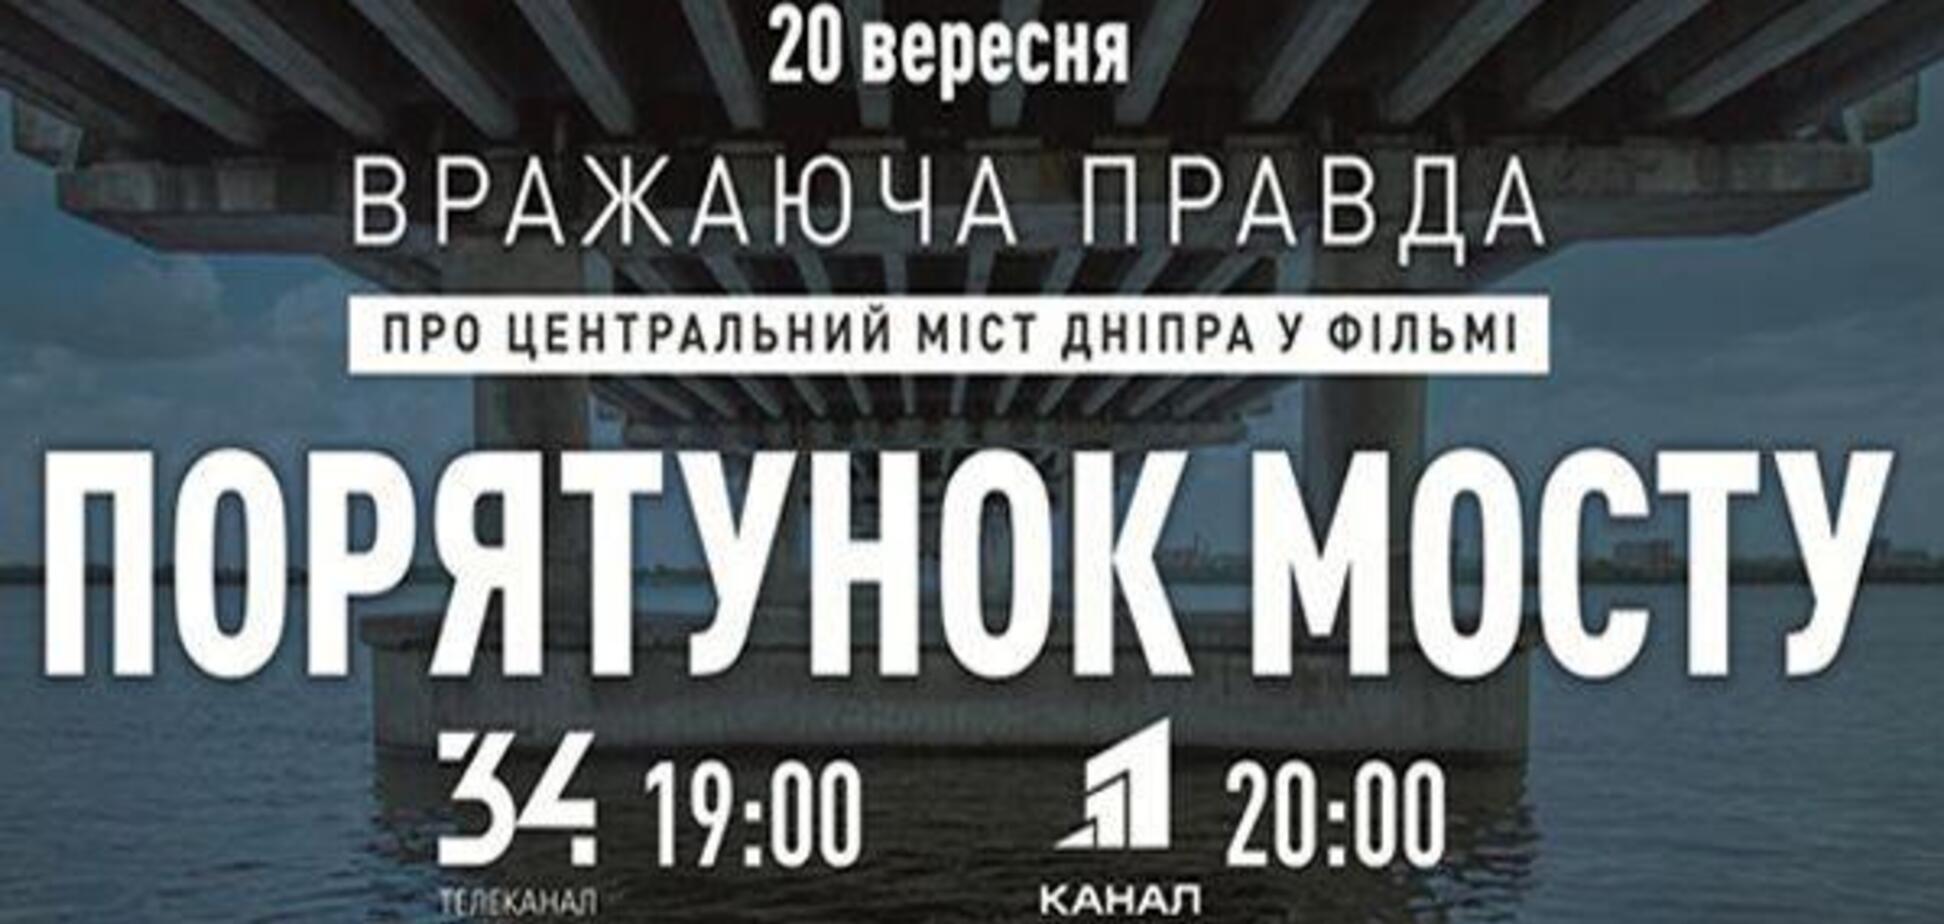 Ремонт Центрального моста в Днепре: всю правду покажут в фильме